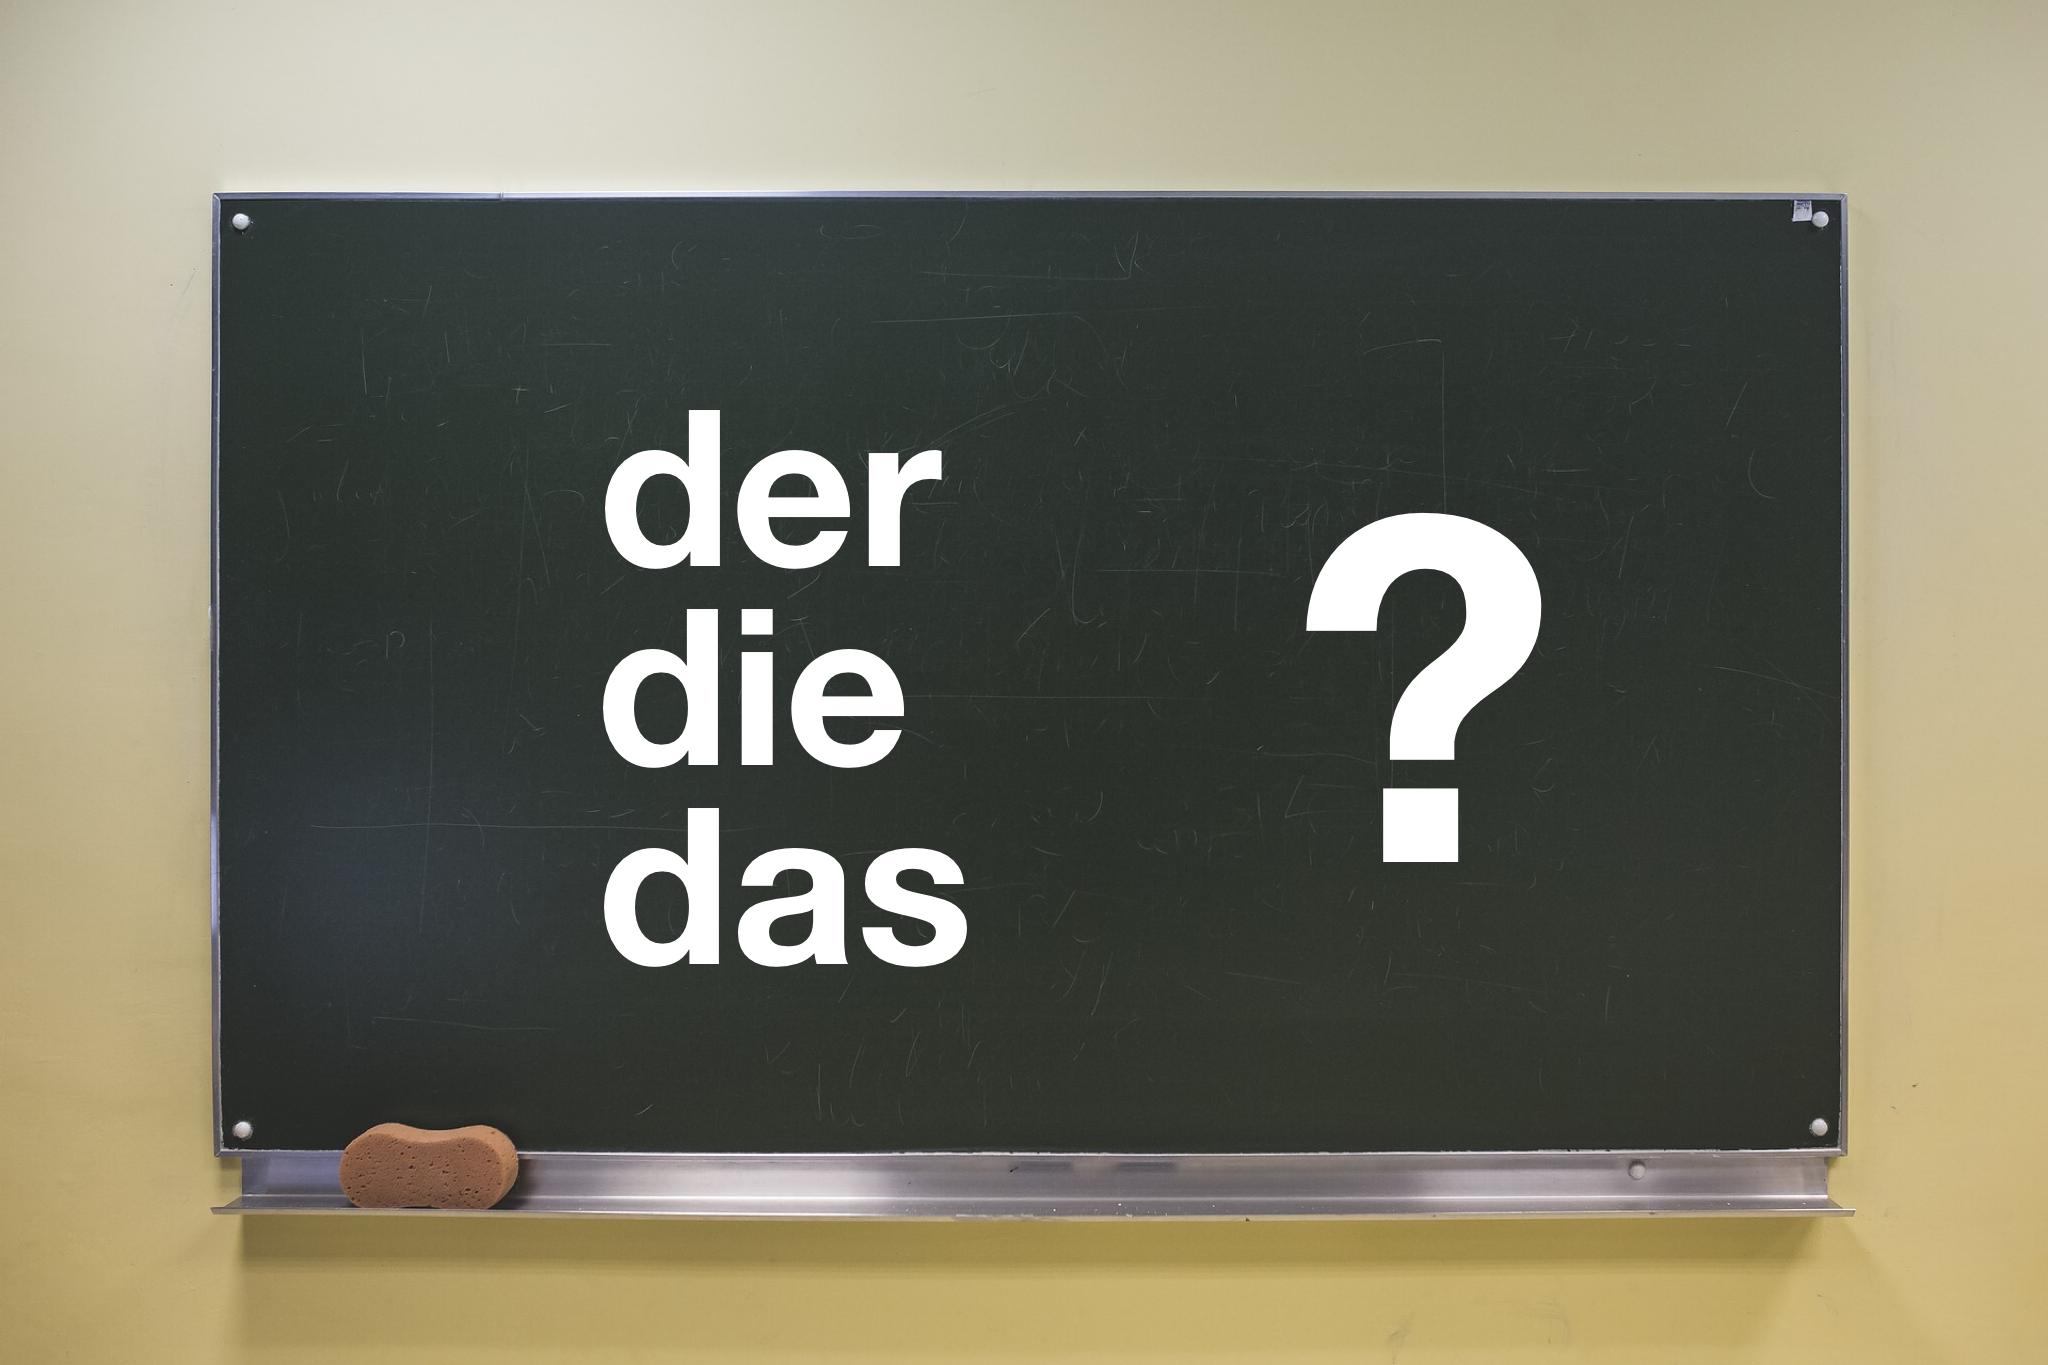 blackboard with: der, die, das